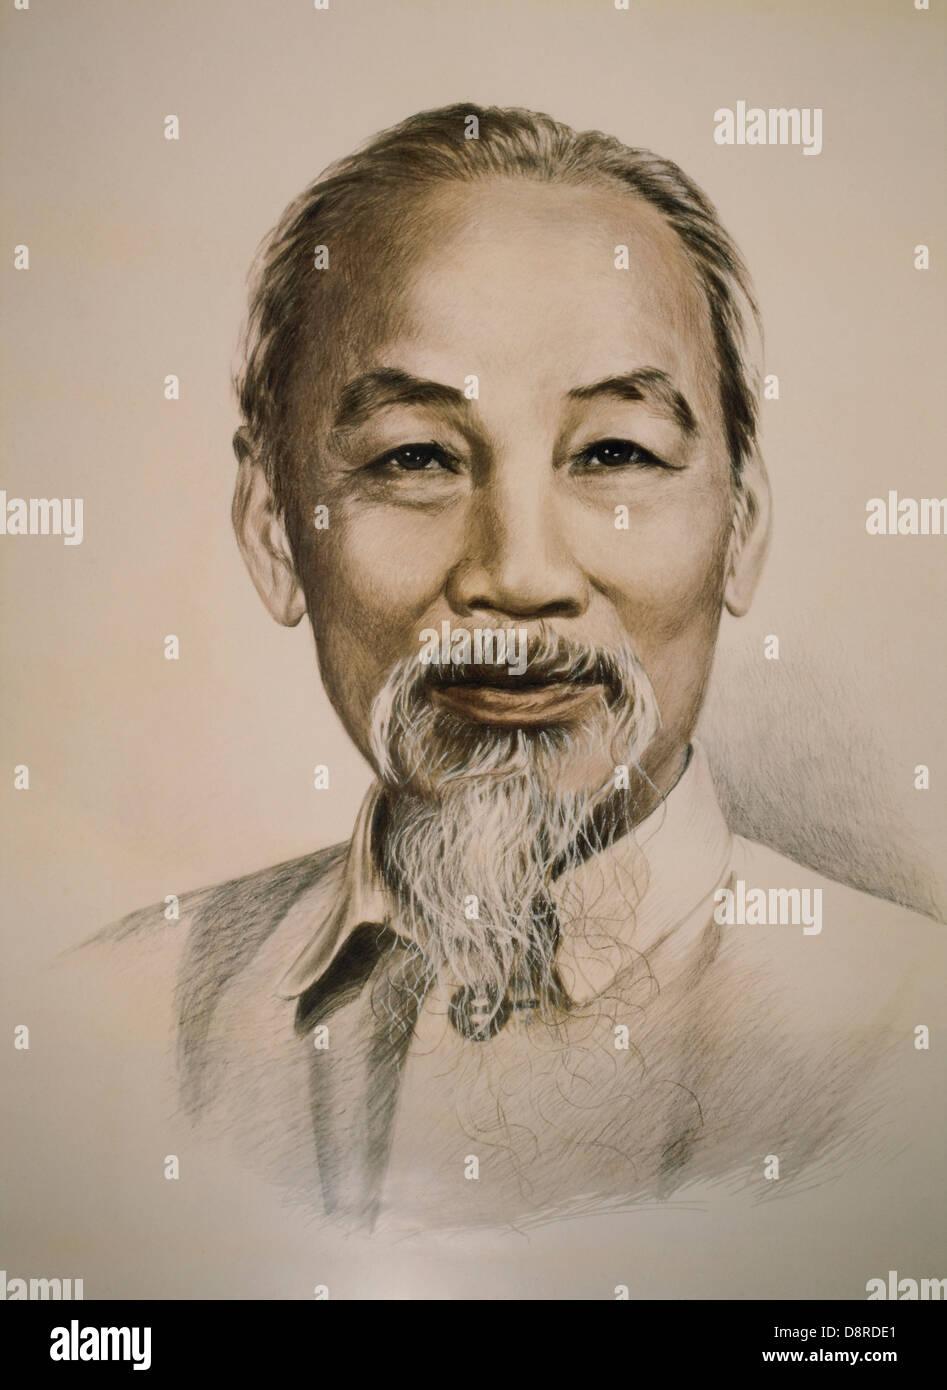 Ho Chi Minh (1890-1969), vietnamesische nationalistischer Führer, Porträt Stockbild